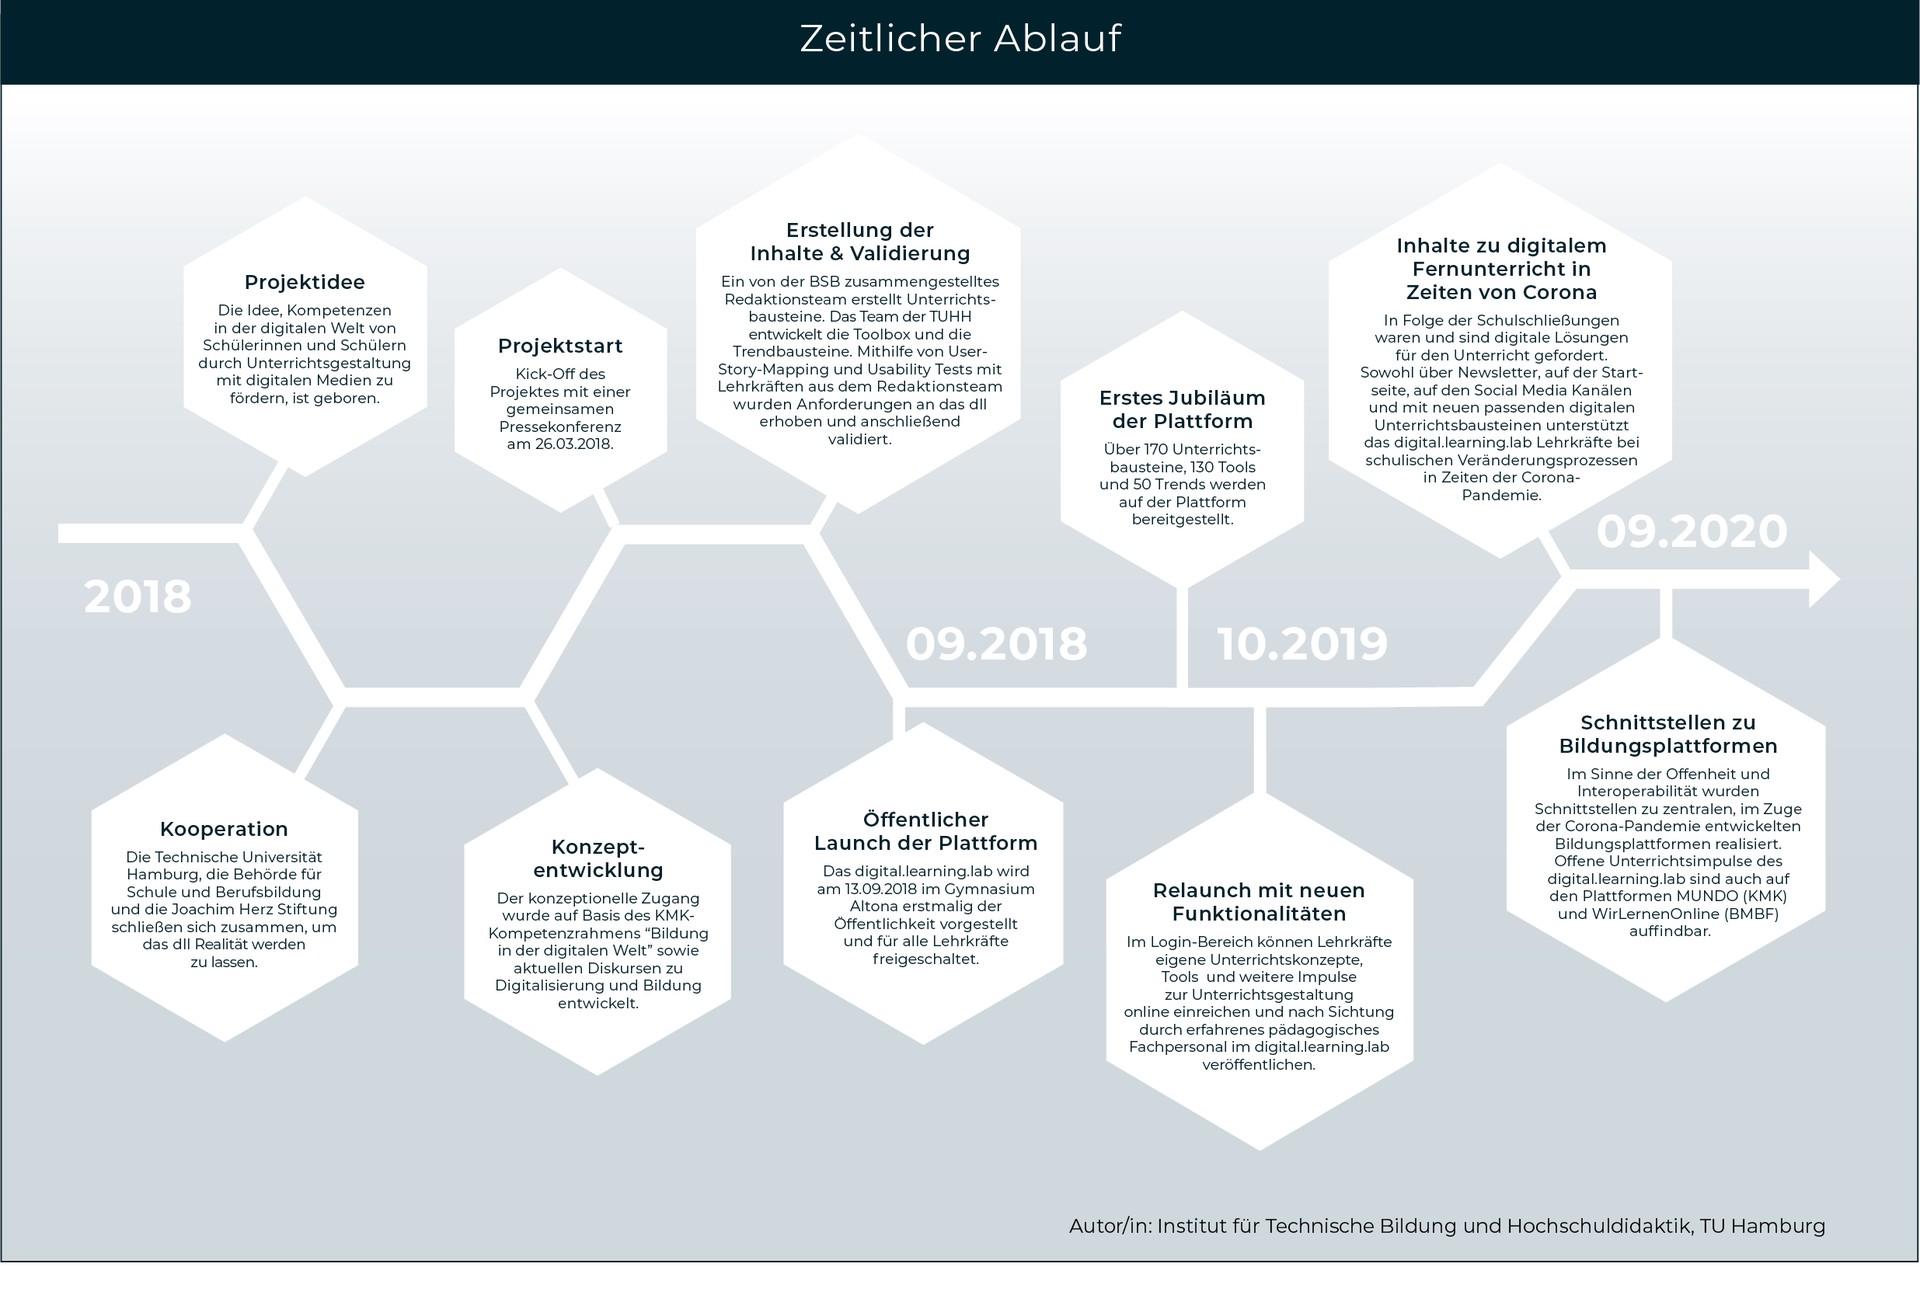 Timeline der dll Entwicklung